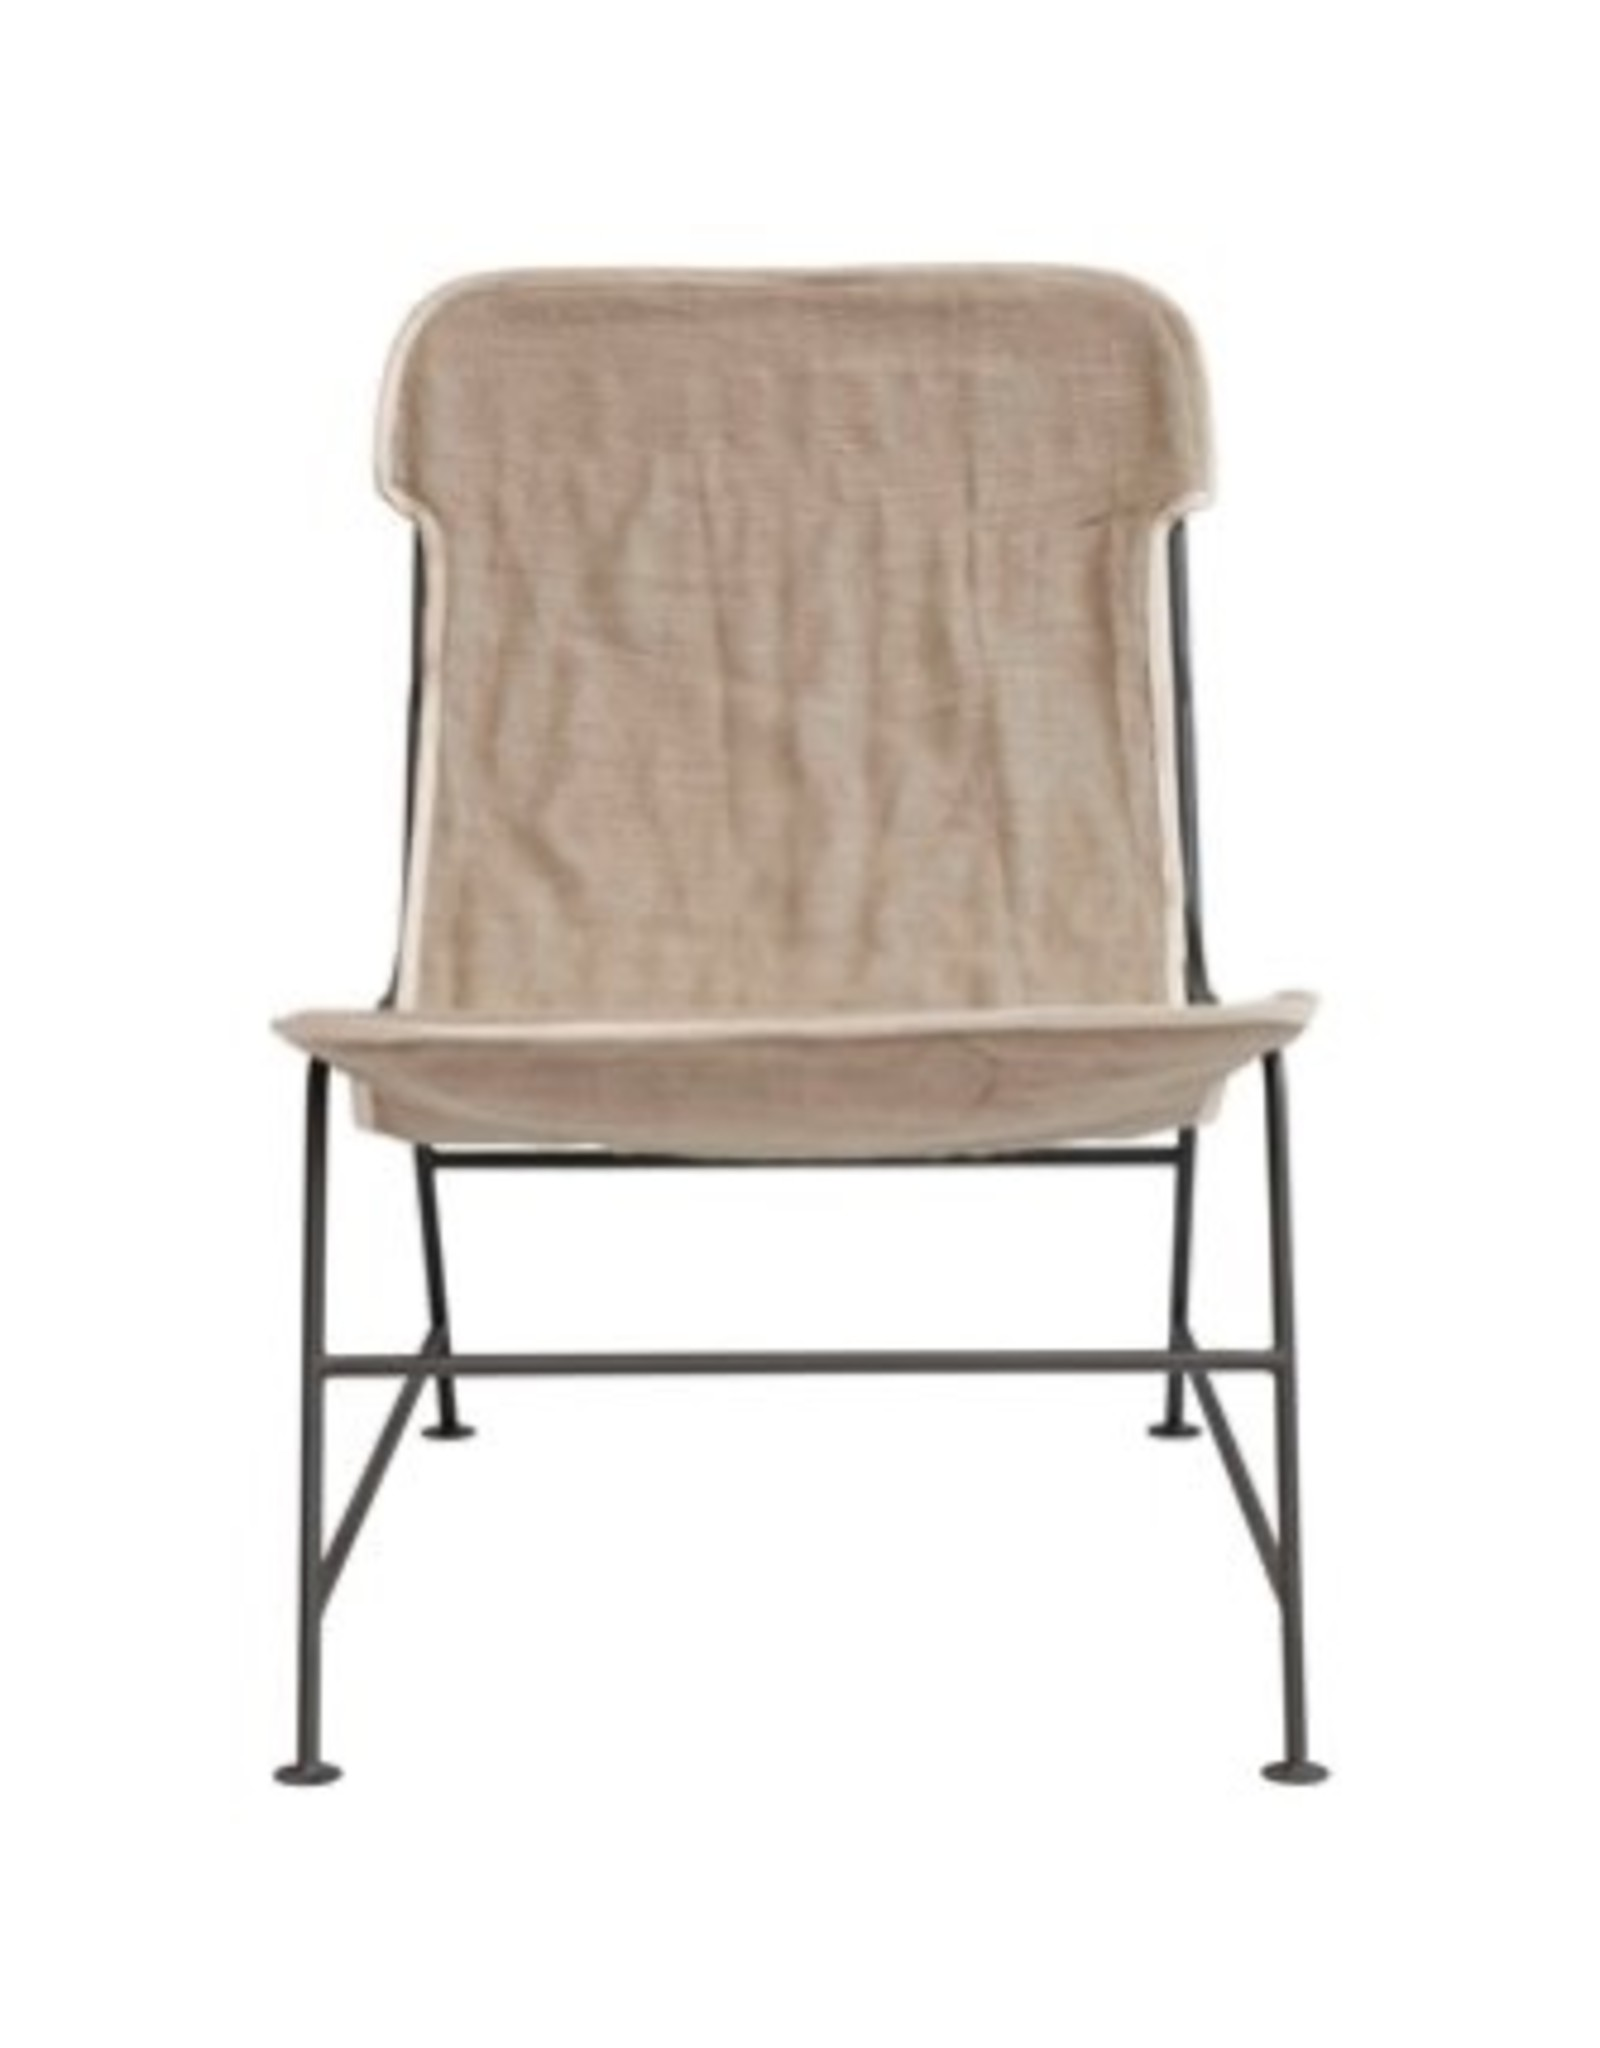 Creative Co-op Reclined Linen Sling Chair